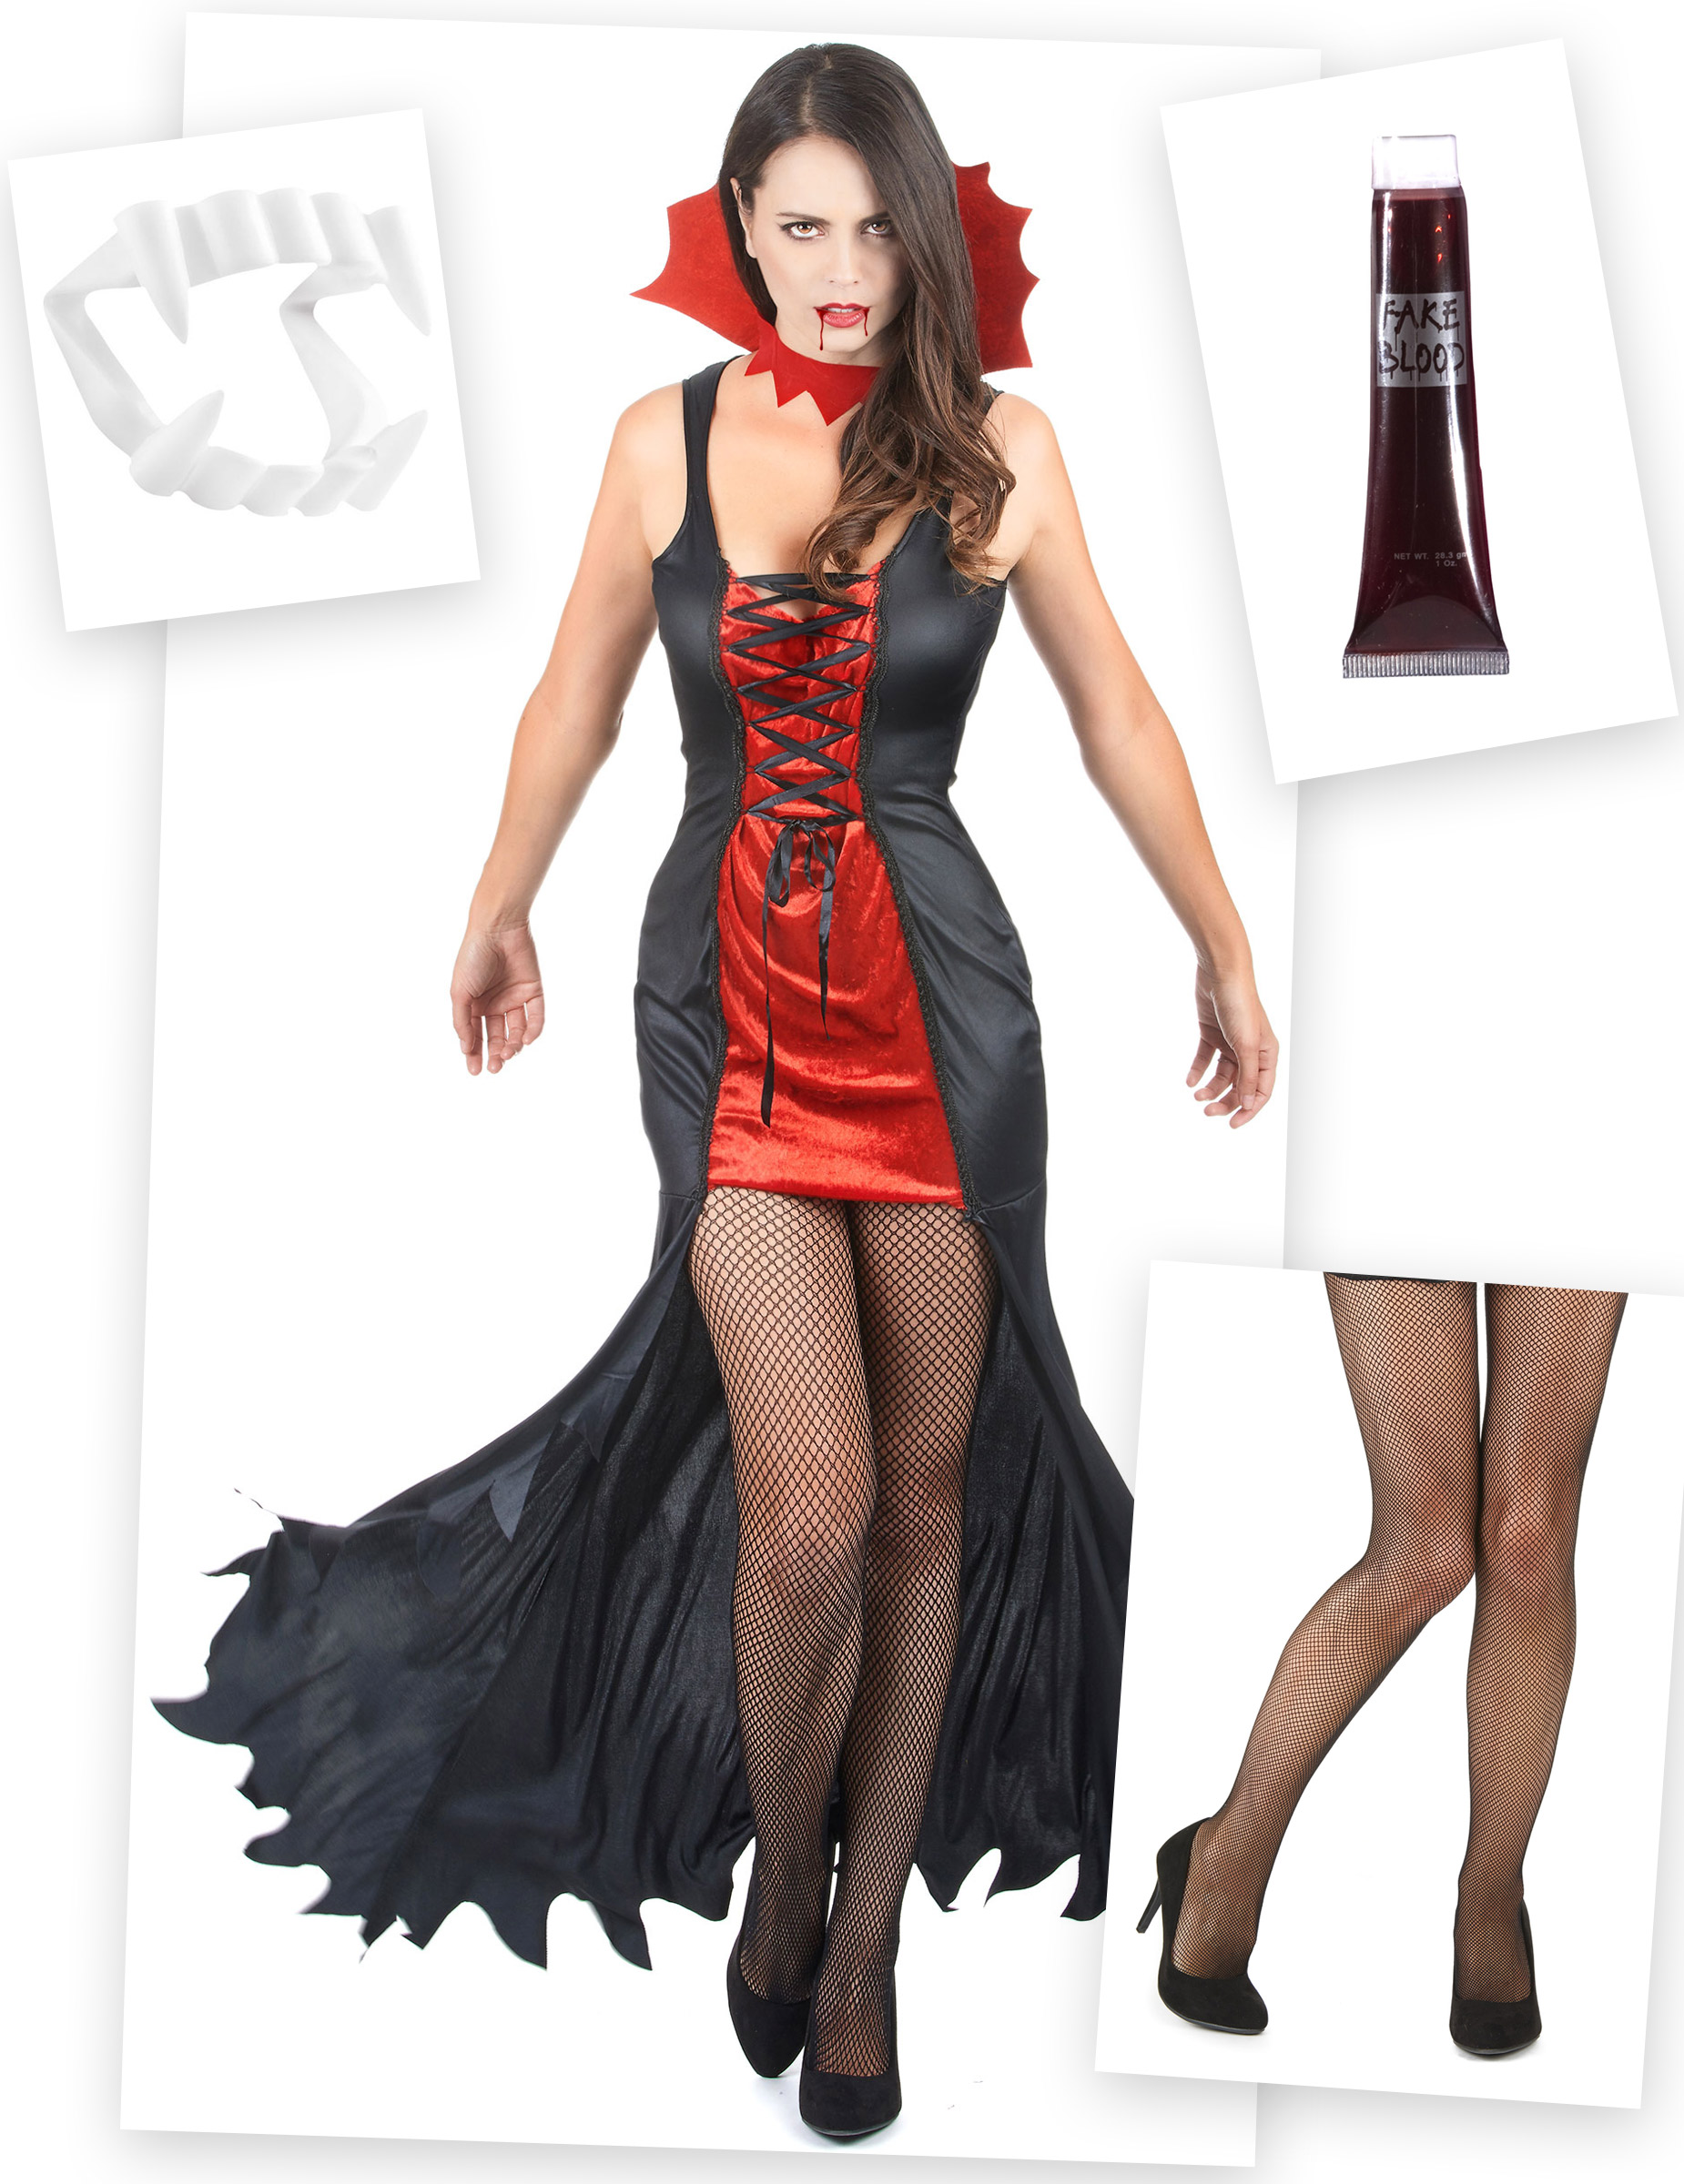 Allt för att bli vampyr - Komplett Halloweenkit för vuxna 0b587e5faa11f